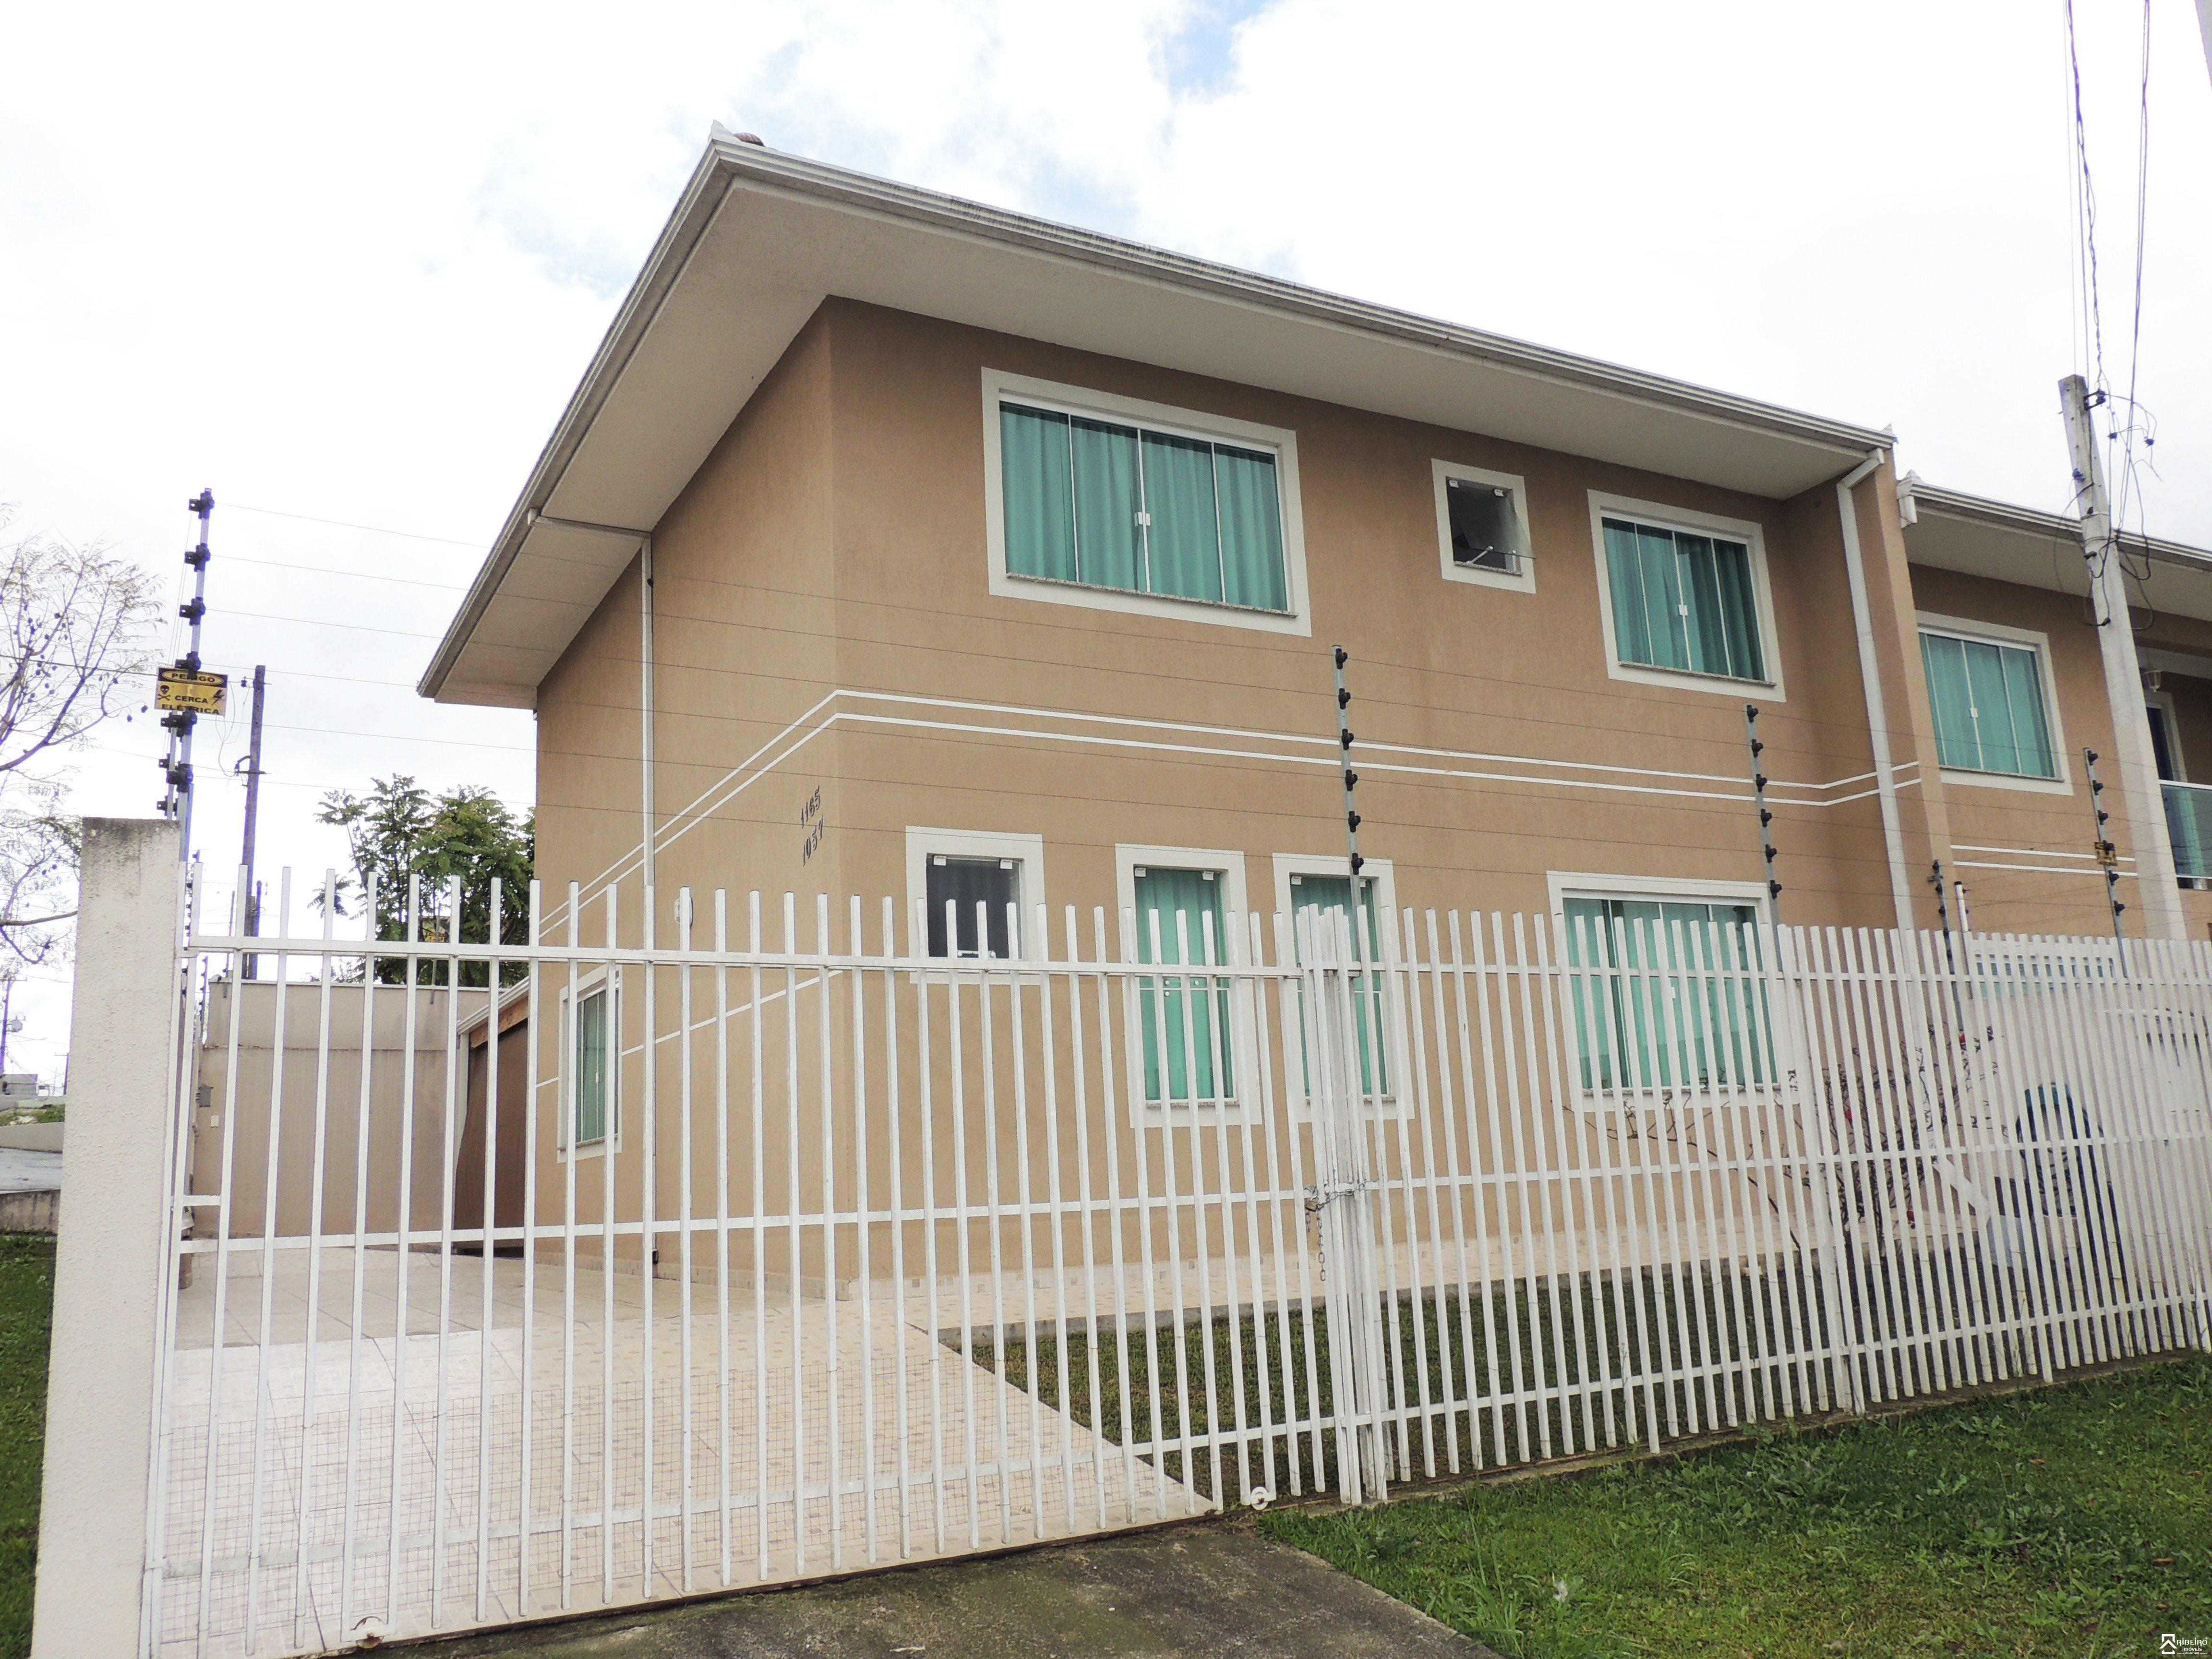 REF. 8335 -  São José Dos Pinhais - Rua  Deputado Joao Leopoldo Jacomel, 1057